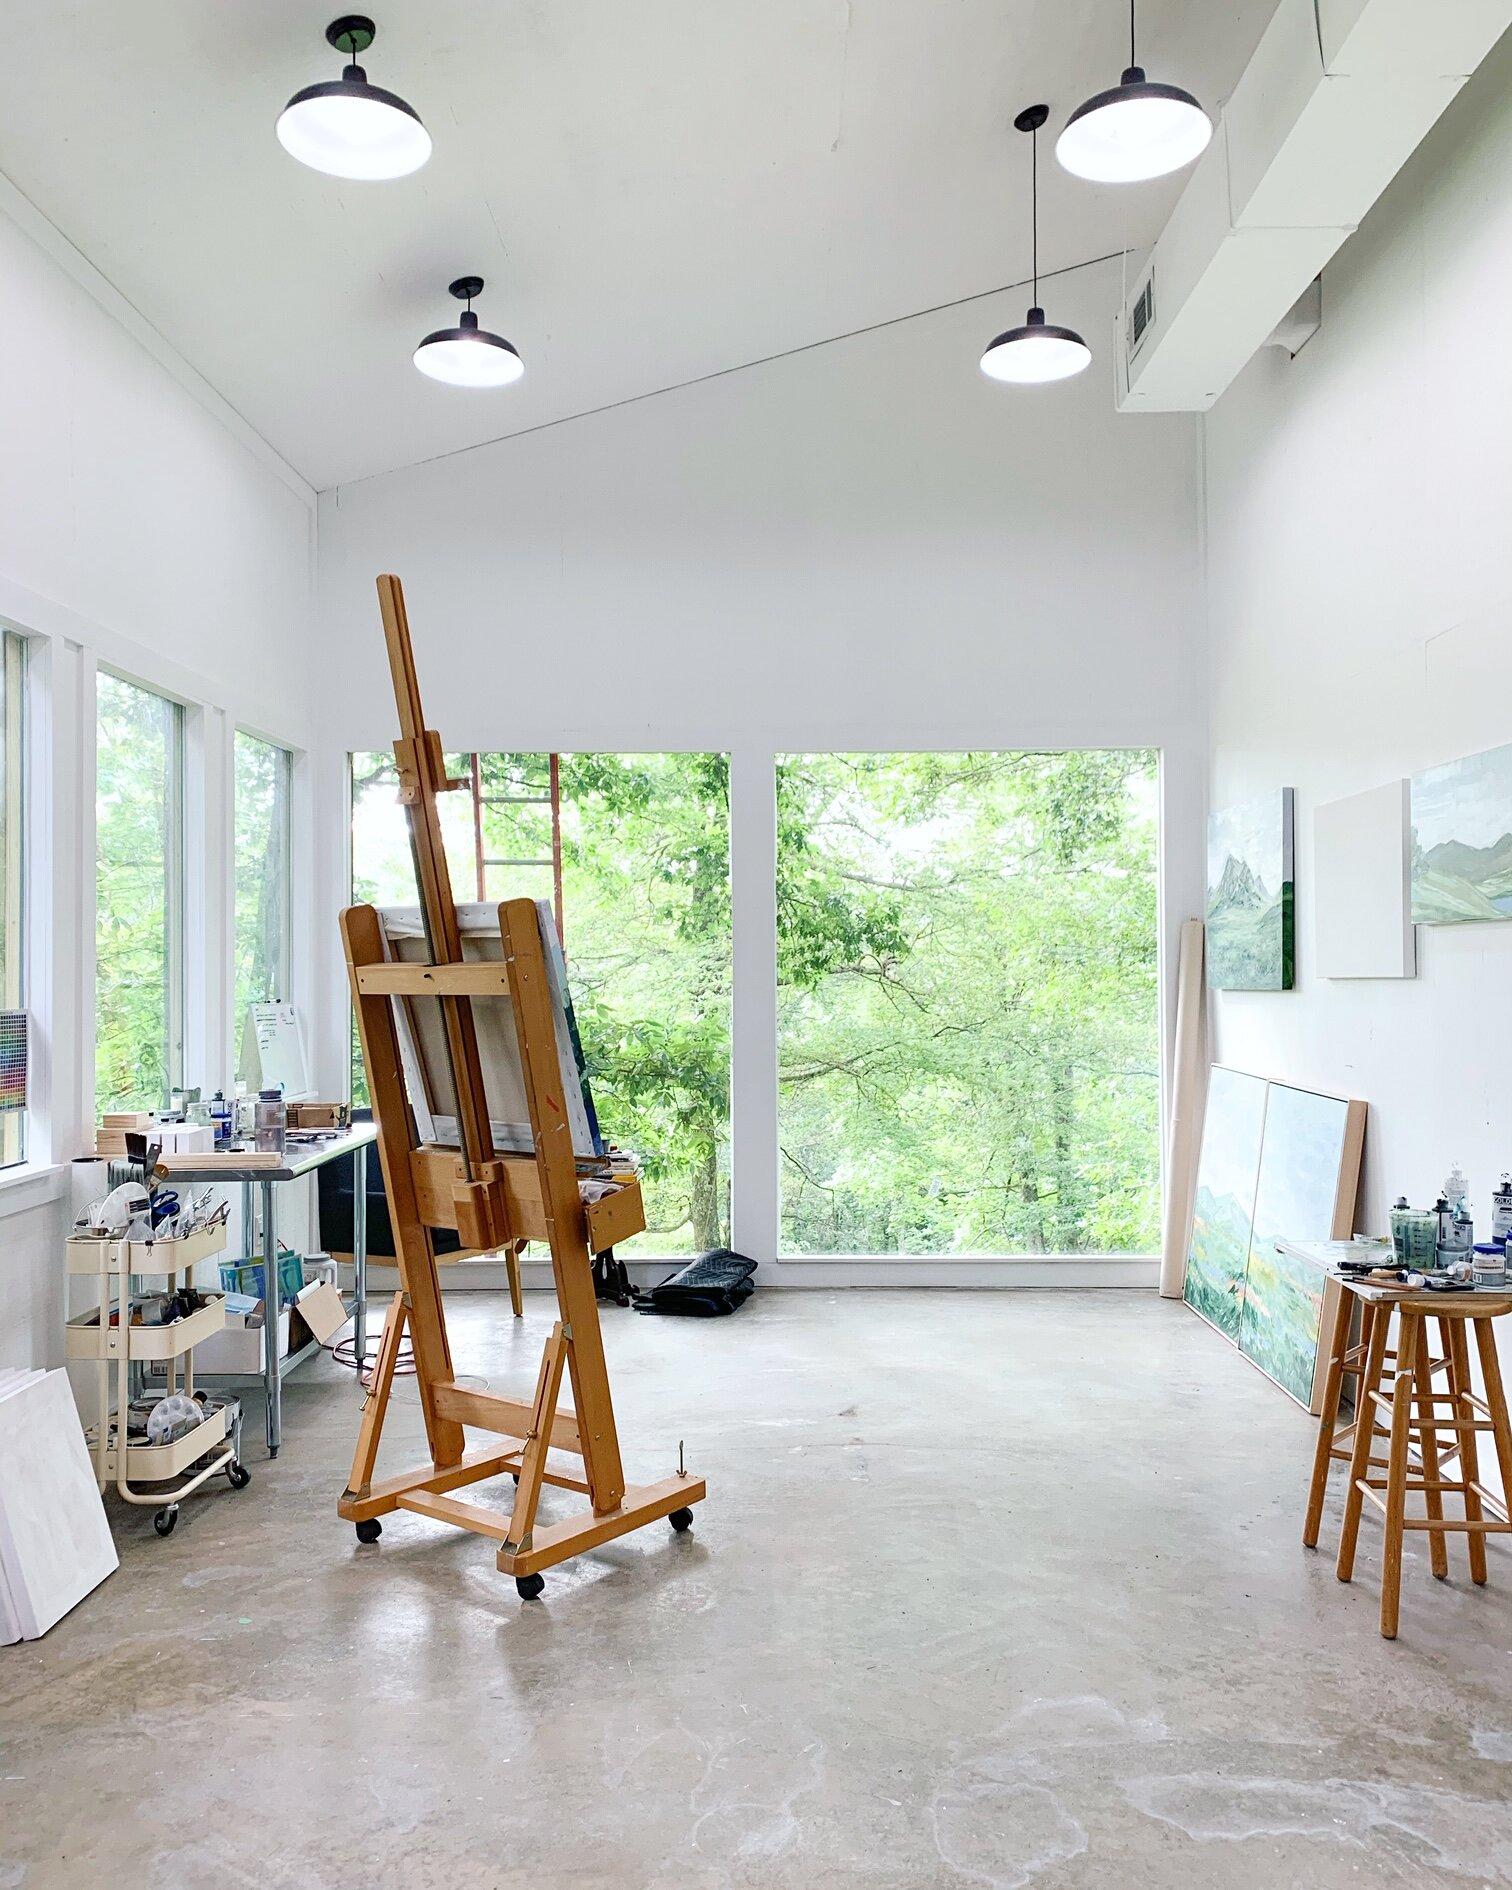 Sunny Studio days